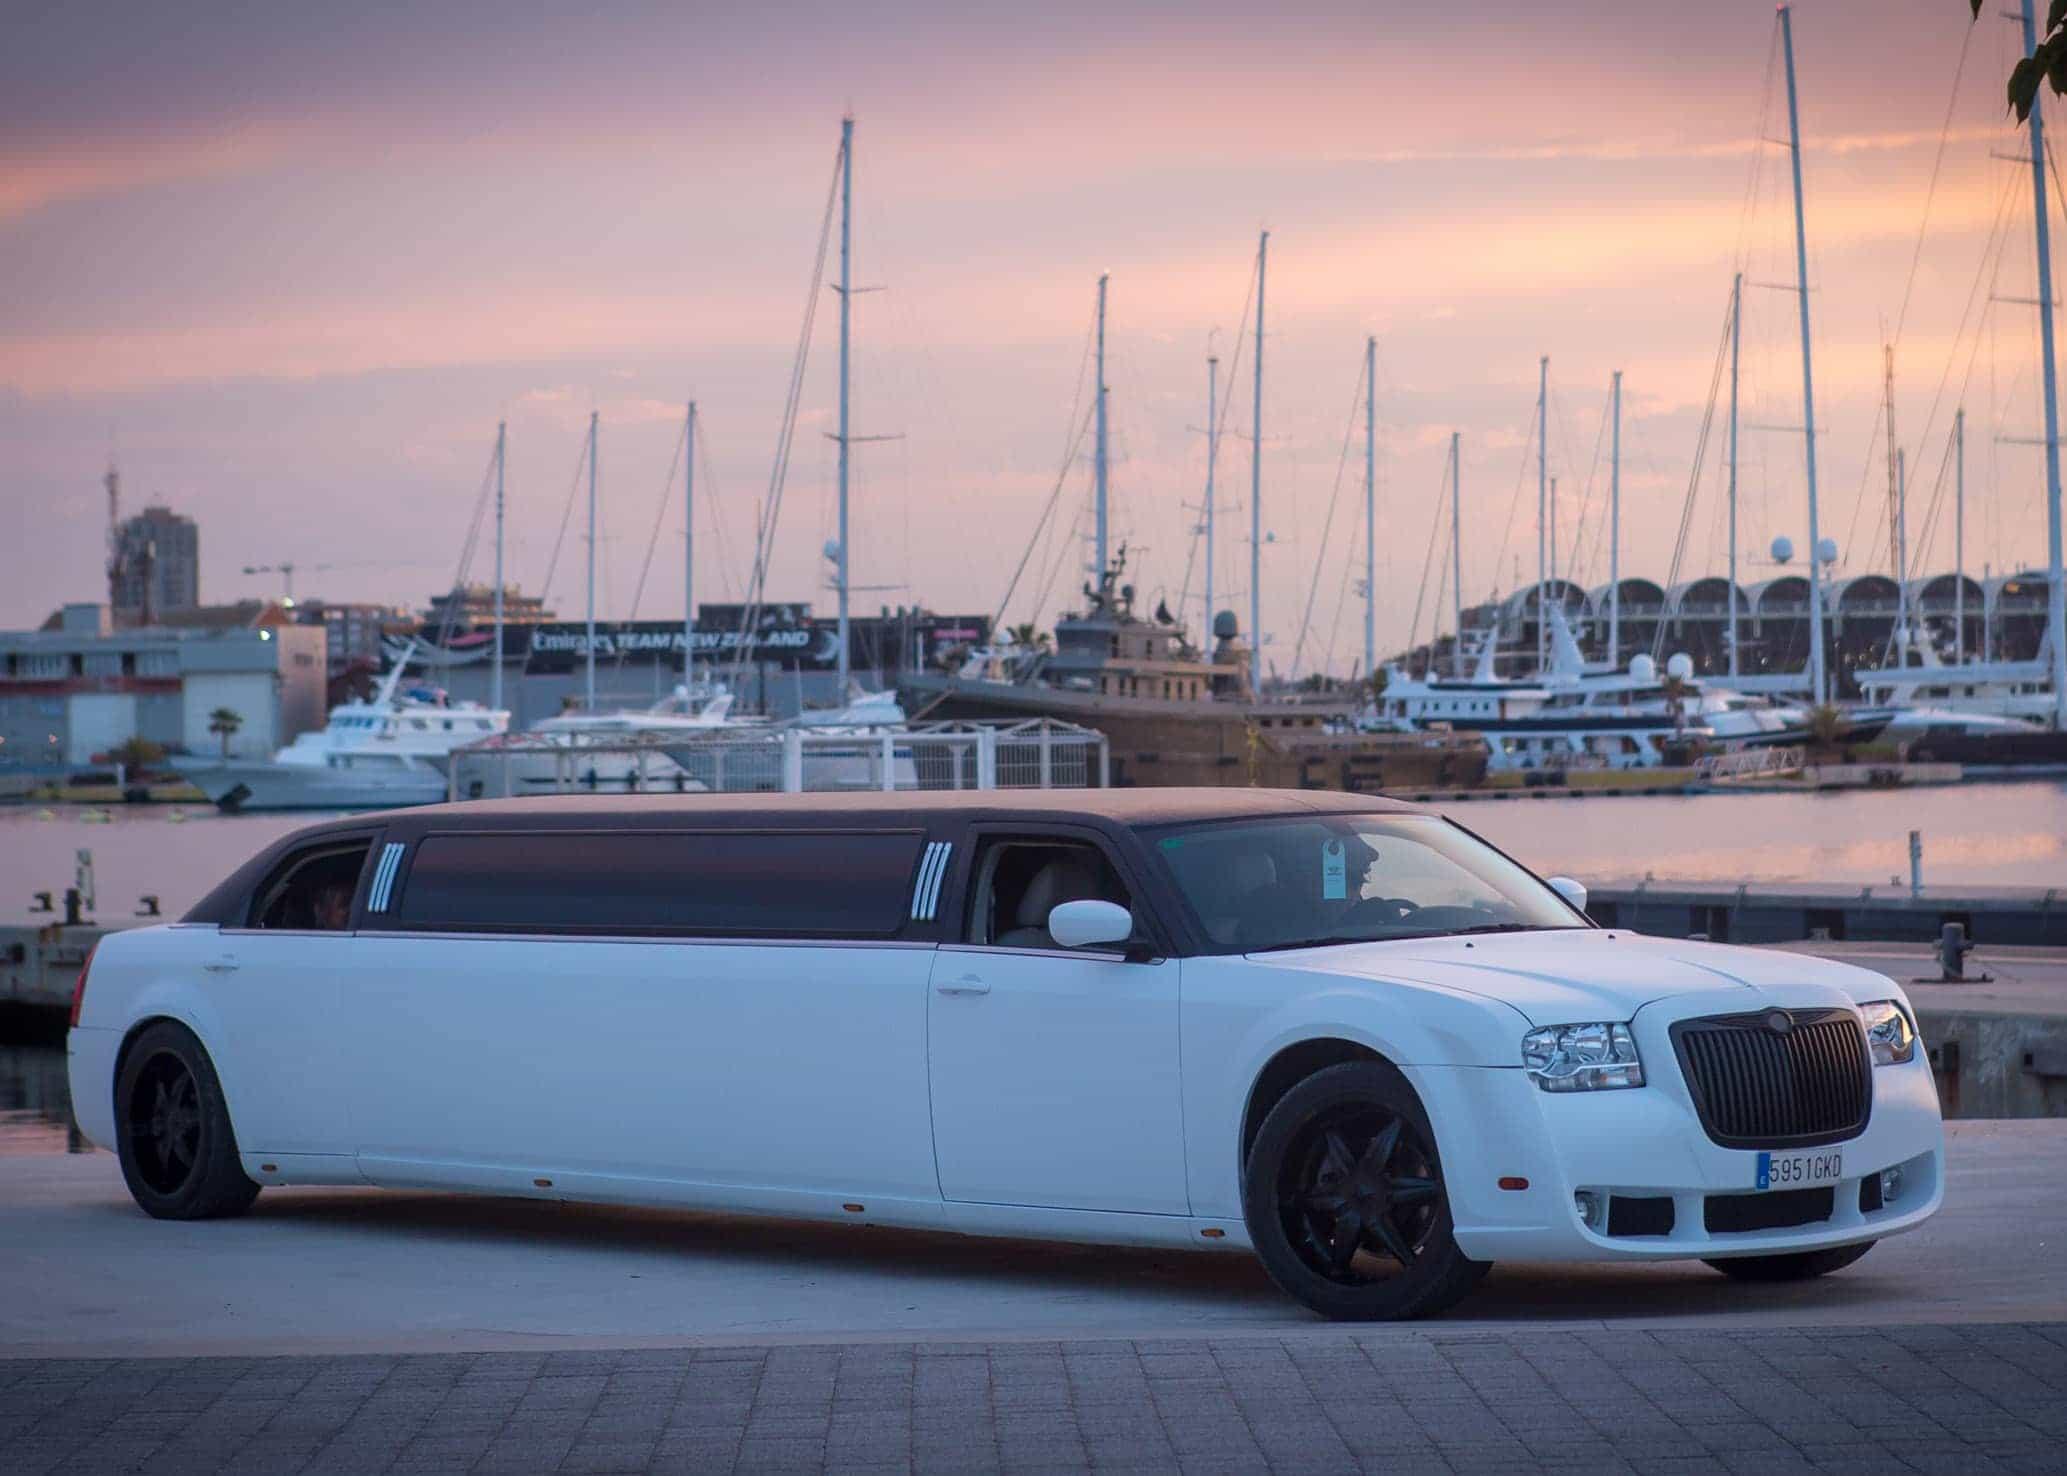 Limusina Chrysler Blanca imagen 3